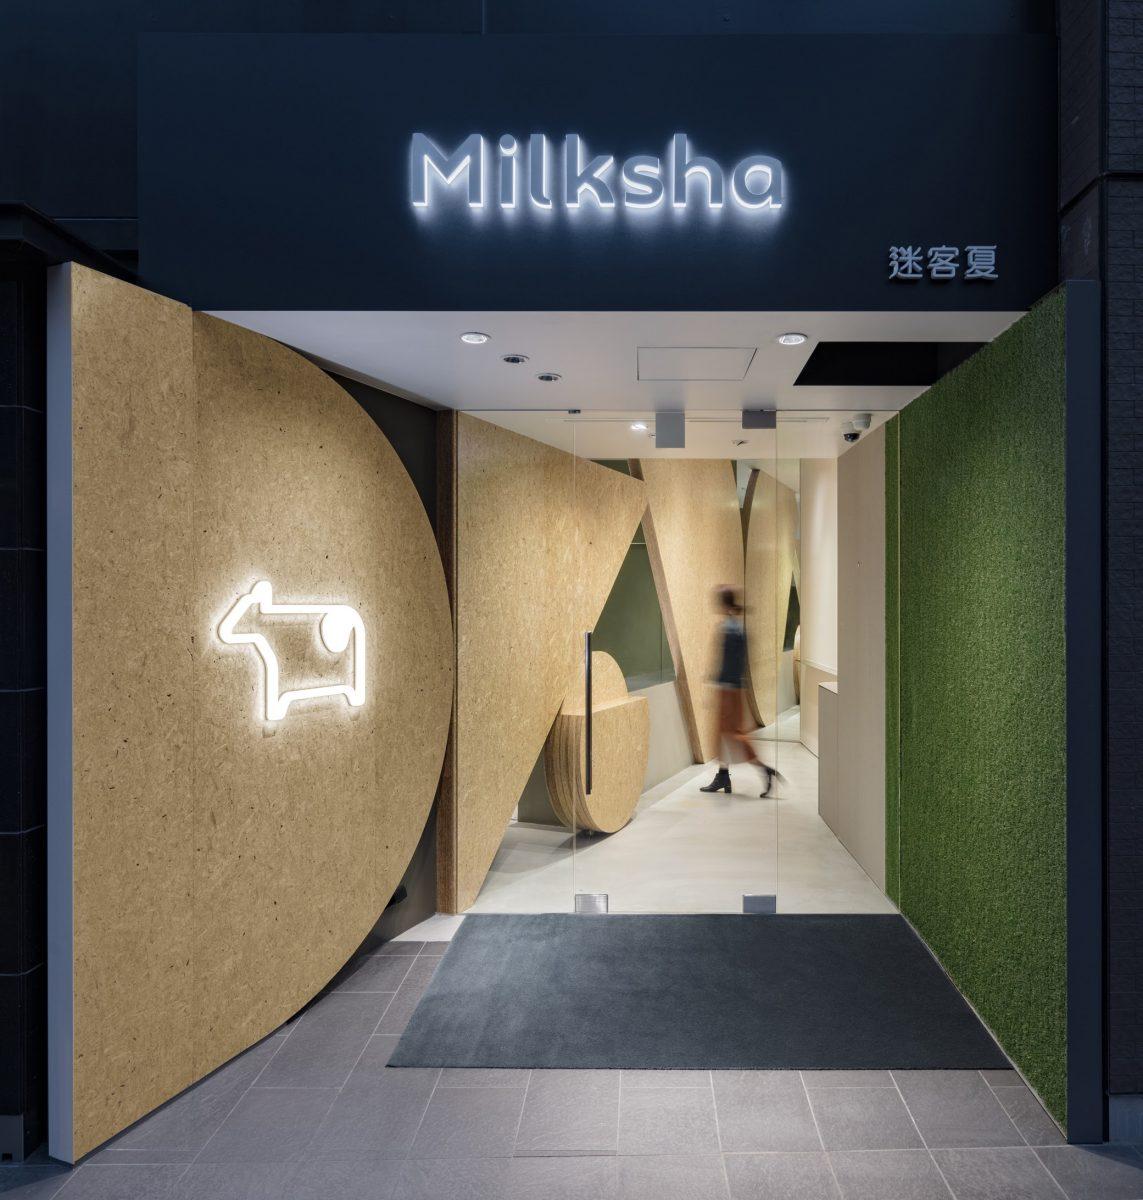 Milksha by Keishin Horikoshi